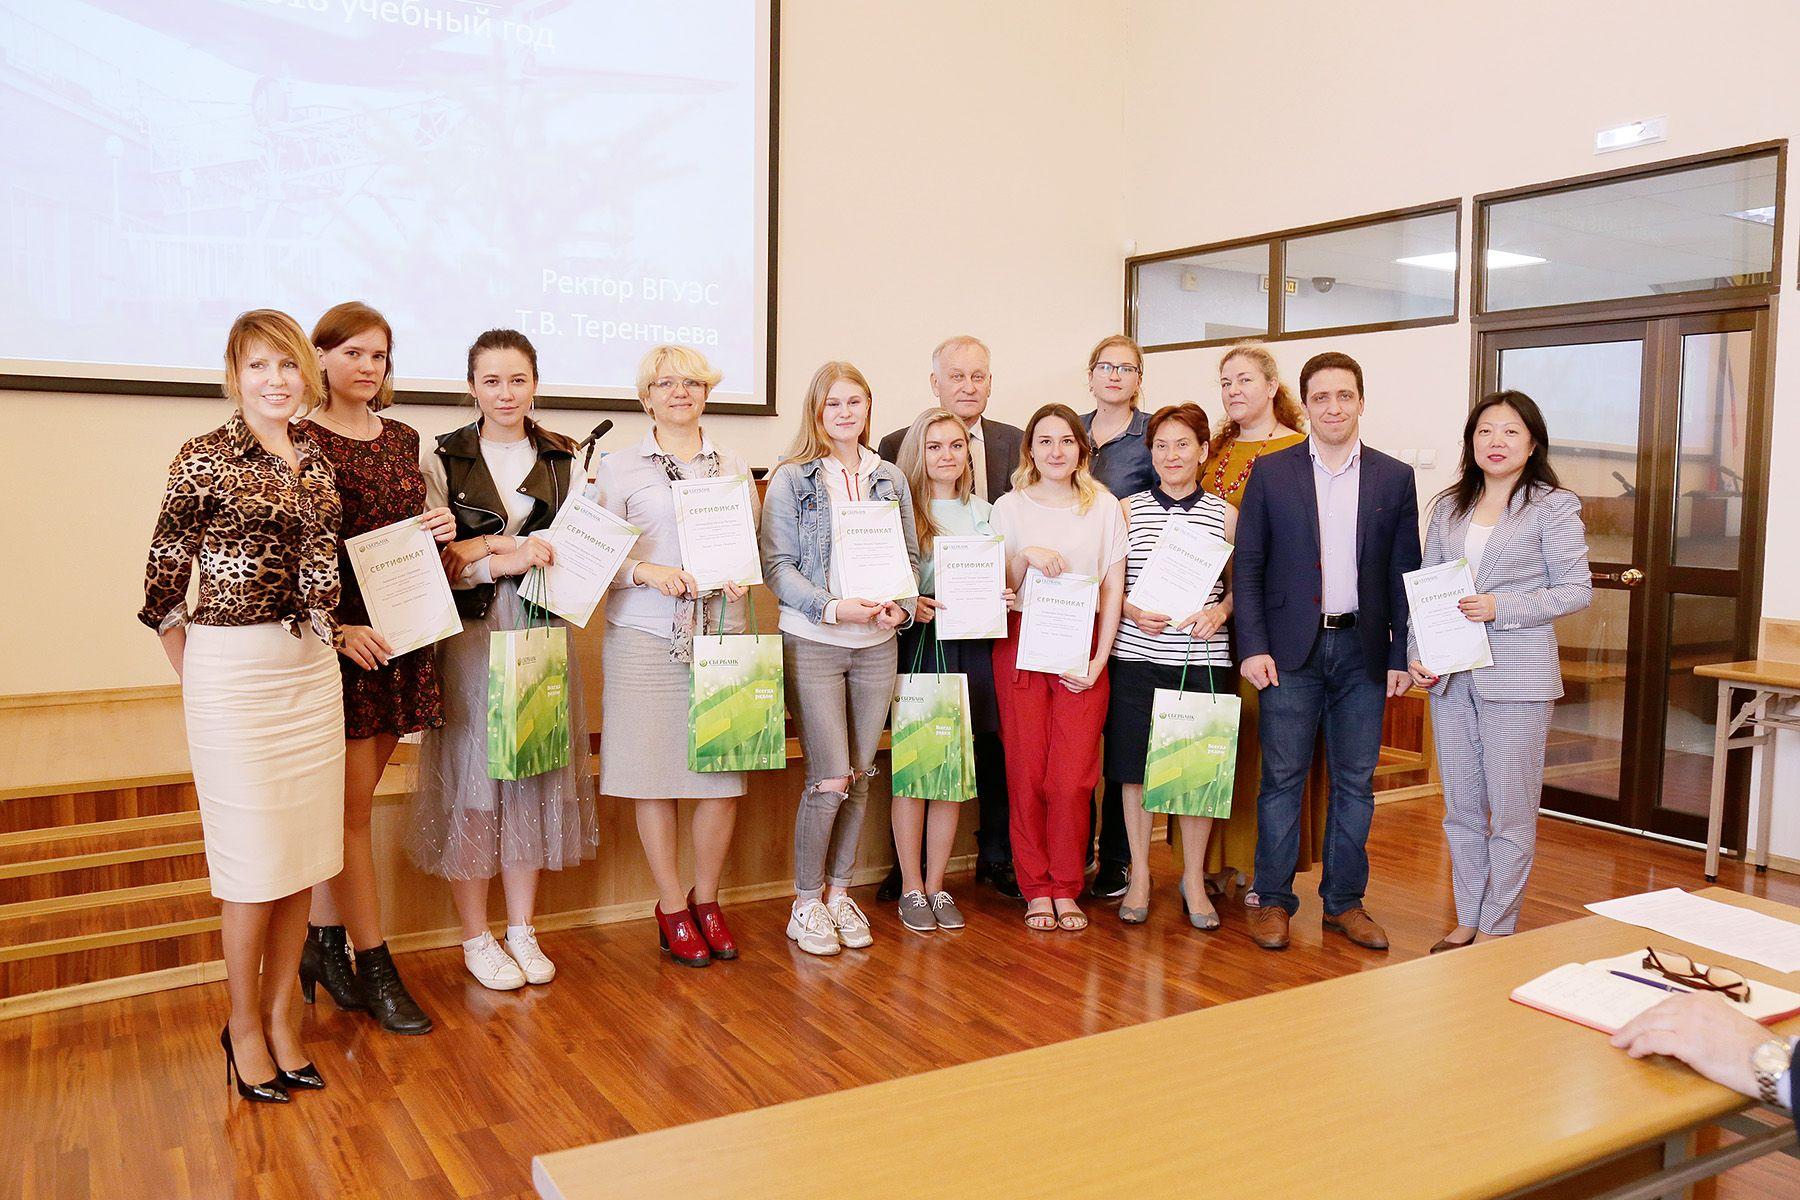 Сертификаты об успешном окончании бизнес-школы «SOFT SKILLS» ПАО «Сбербанк» получили студенты и преподаватели ВГУЭС